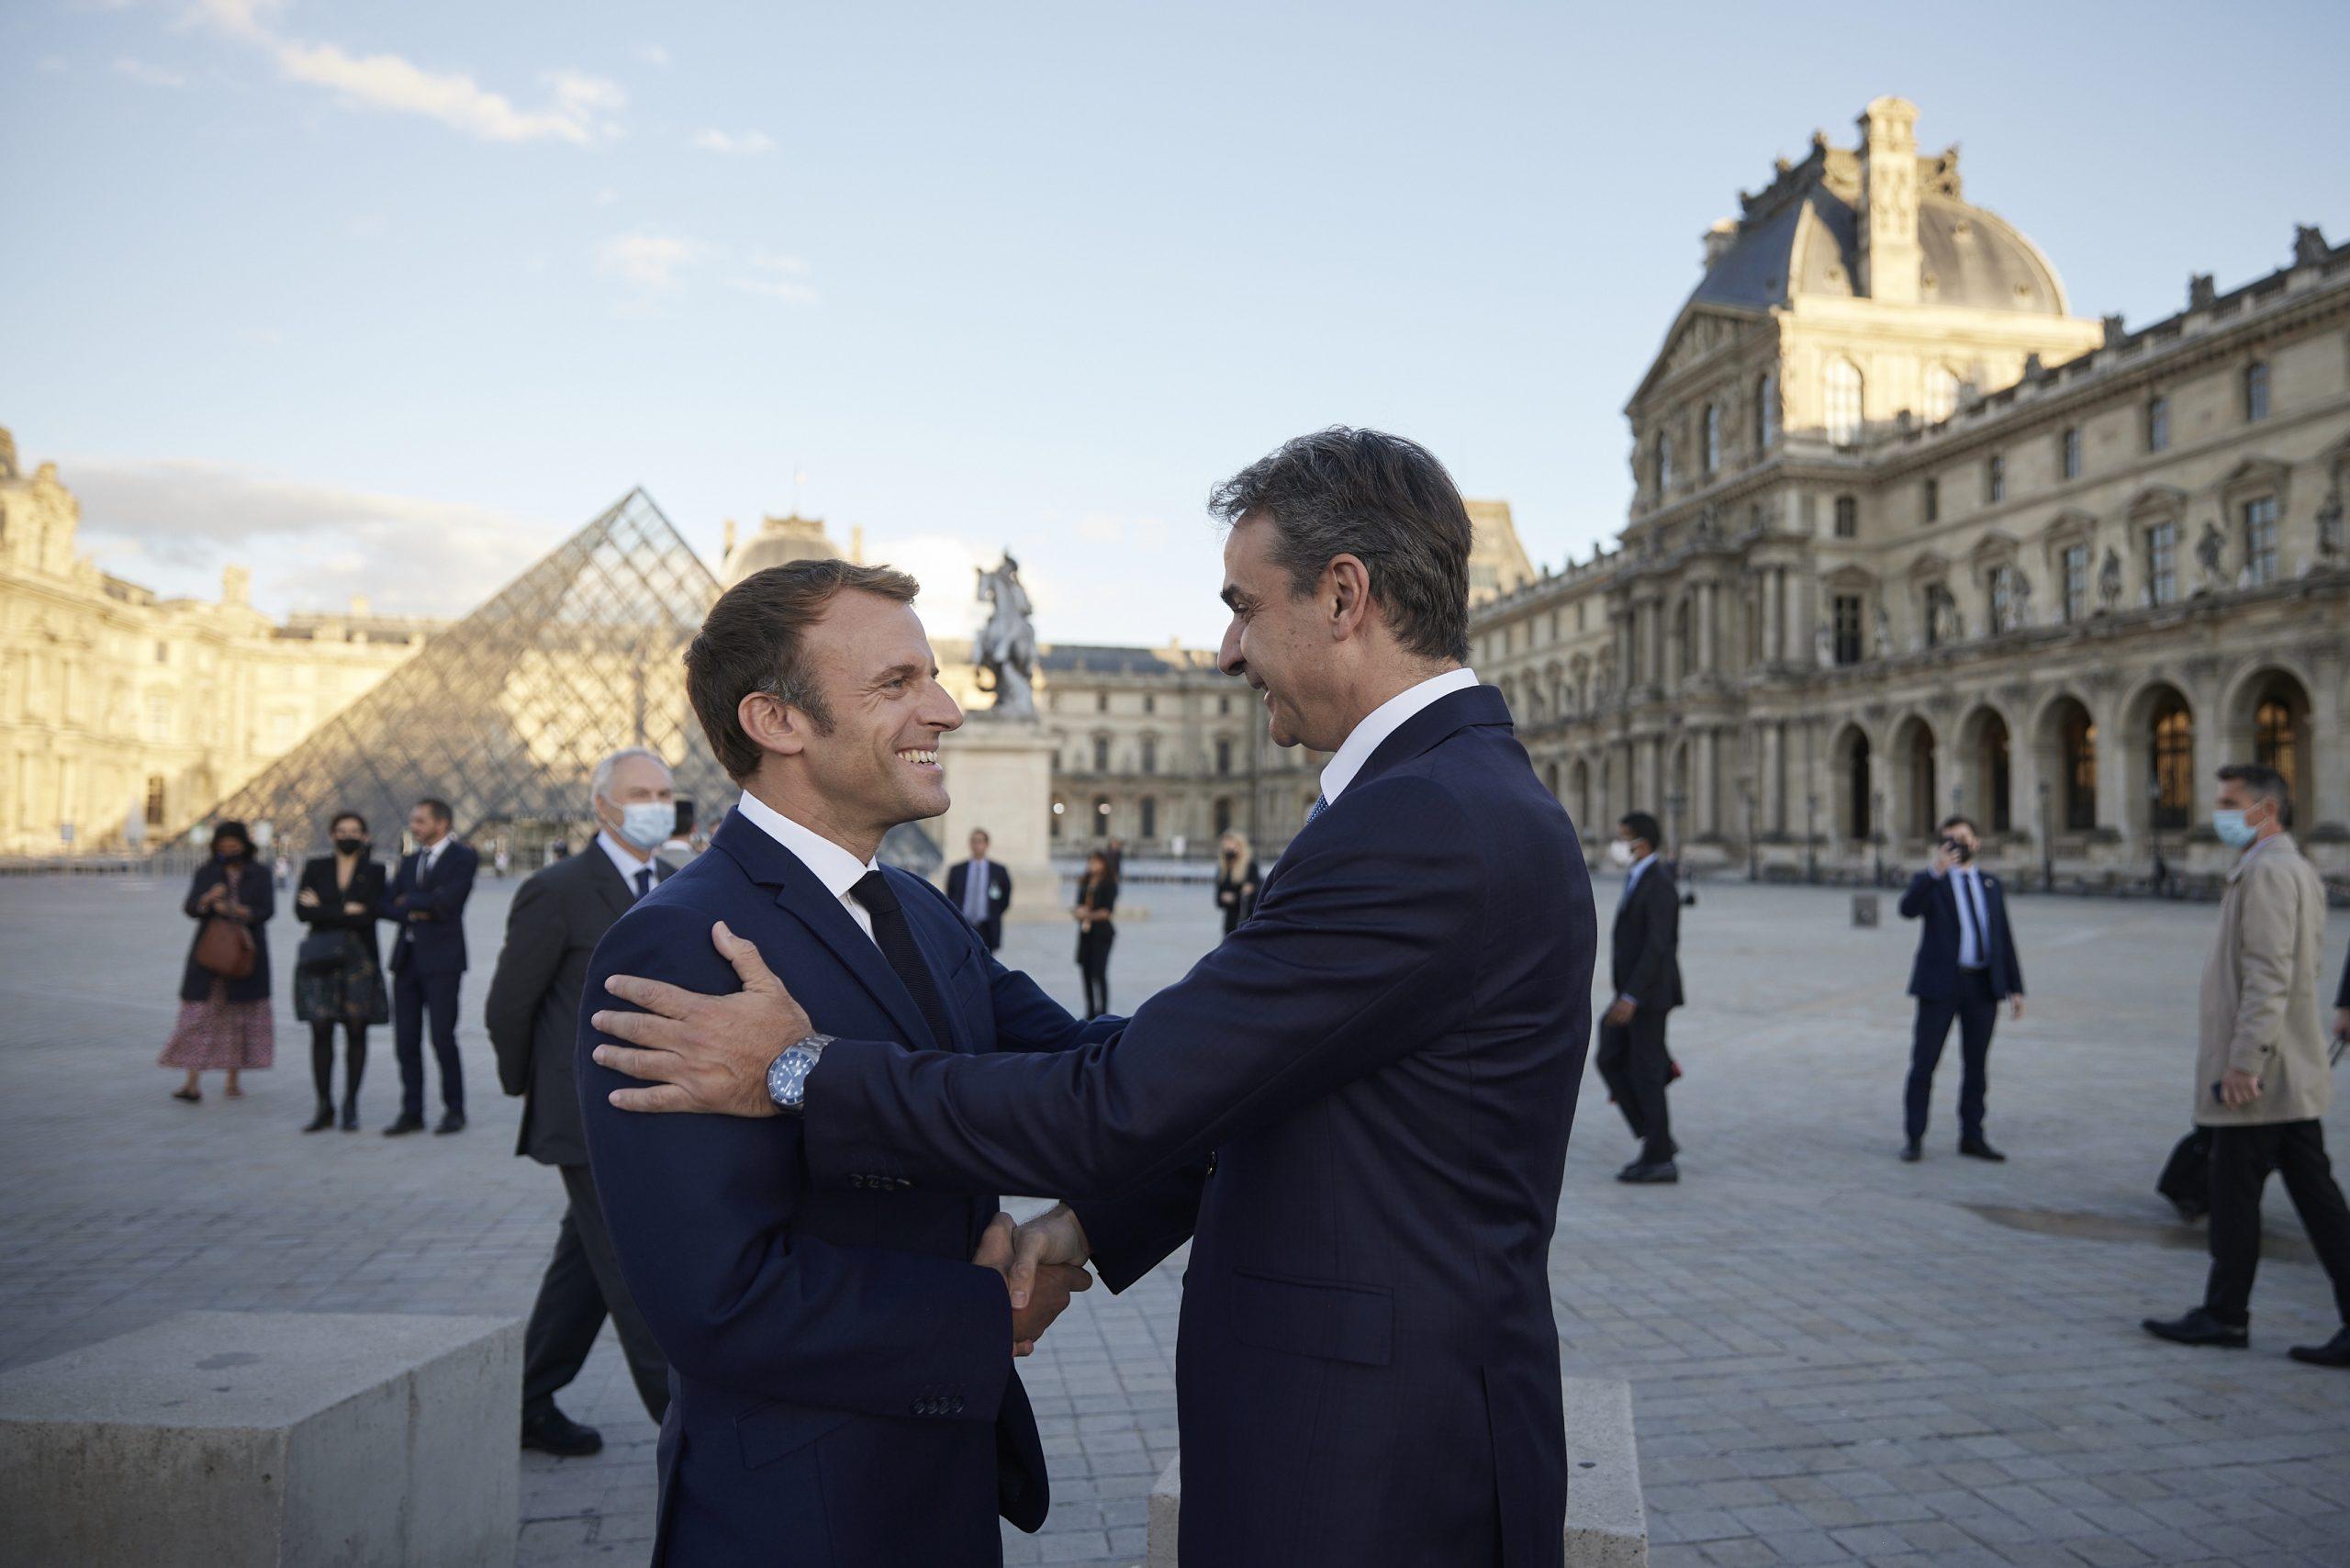 4+4 λόγοι για τους οποίους η συμφωνία Ελλάδας-Γαλλίας είναι σημαντική – Belh@rra και αμυντική συνδρομή